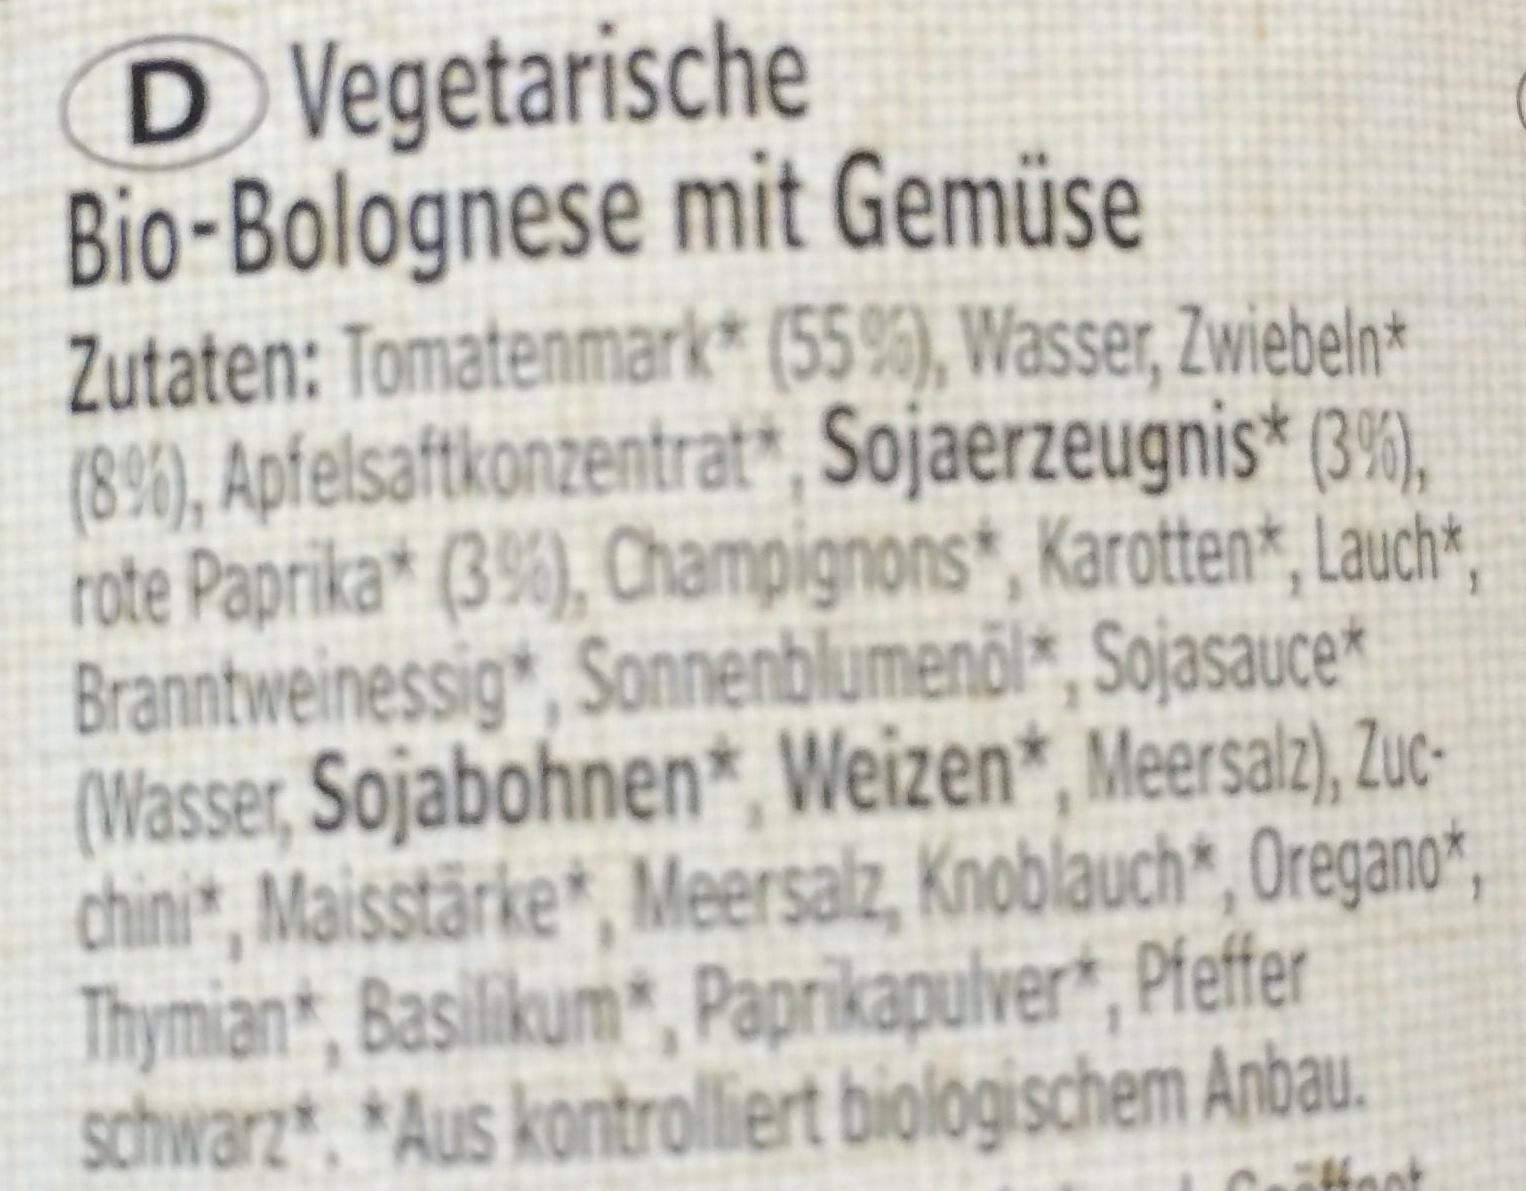 Gemüse Bolognese - Ingredients - de